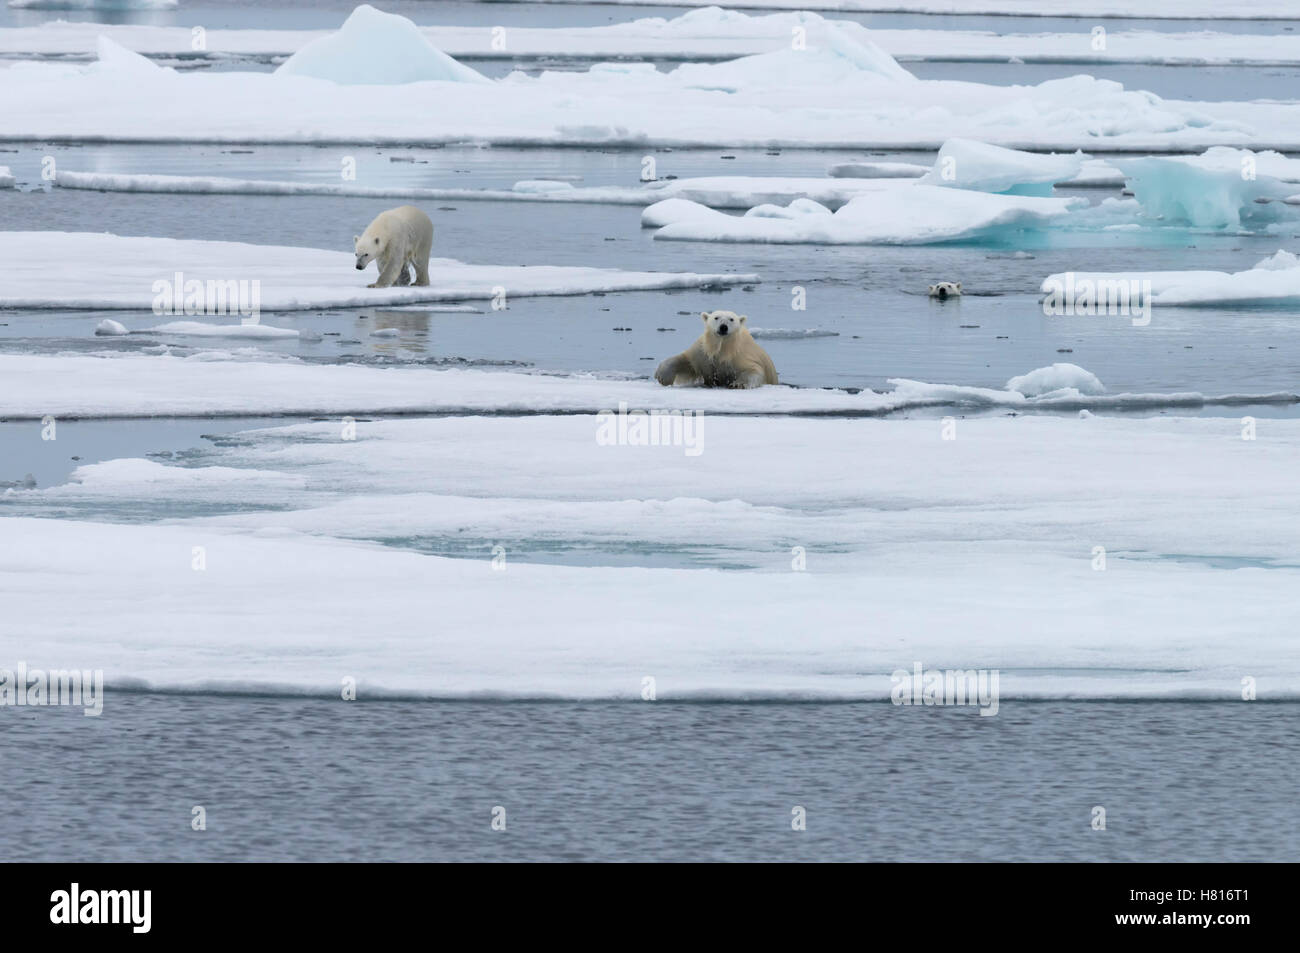 Mutter Eisbär (Ursus Maritimus) mit zwei jungen spazieren gehen oder schwimmen über schmelzende Eisscholle, Stockbild